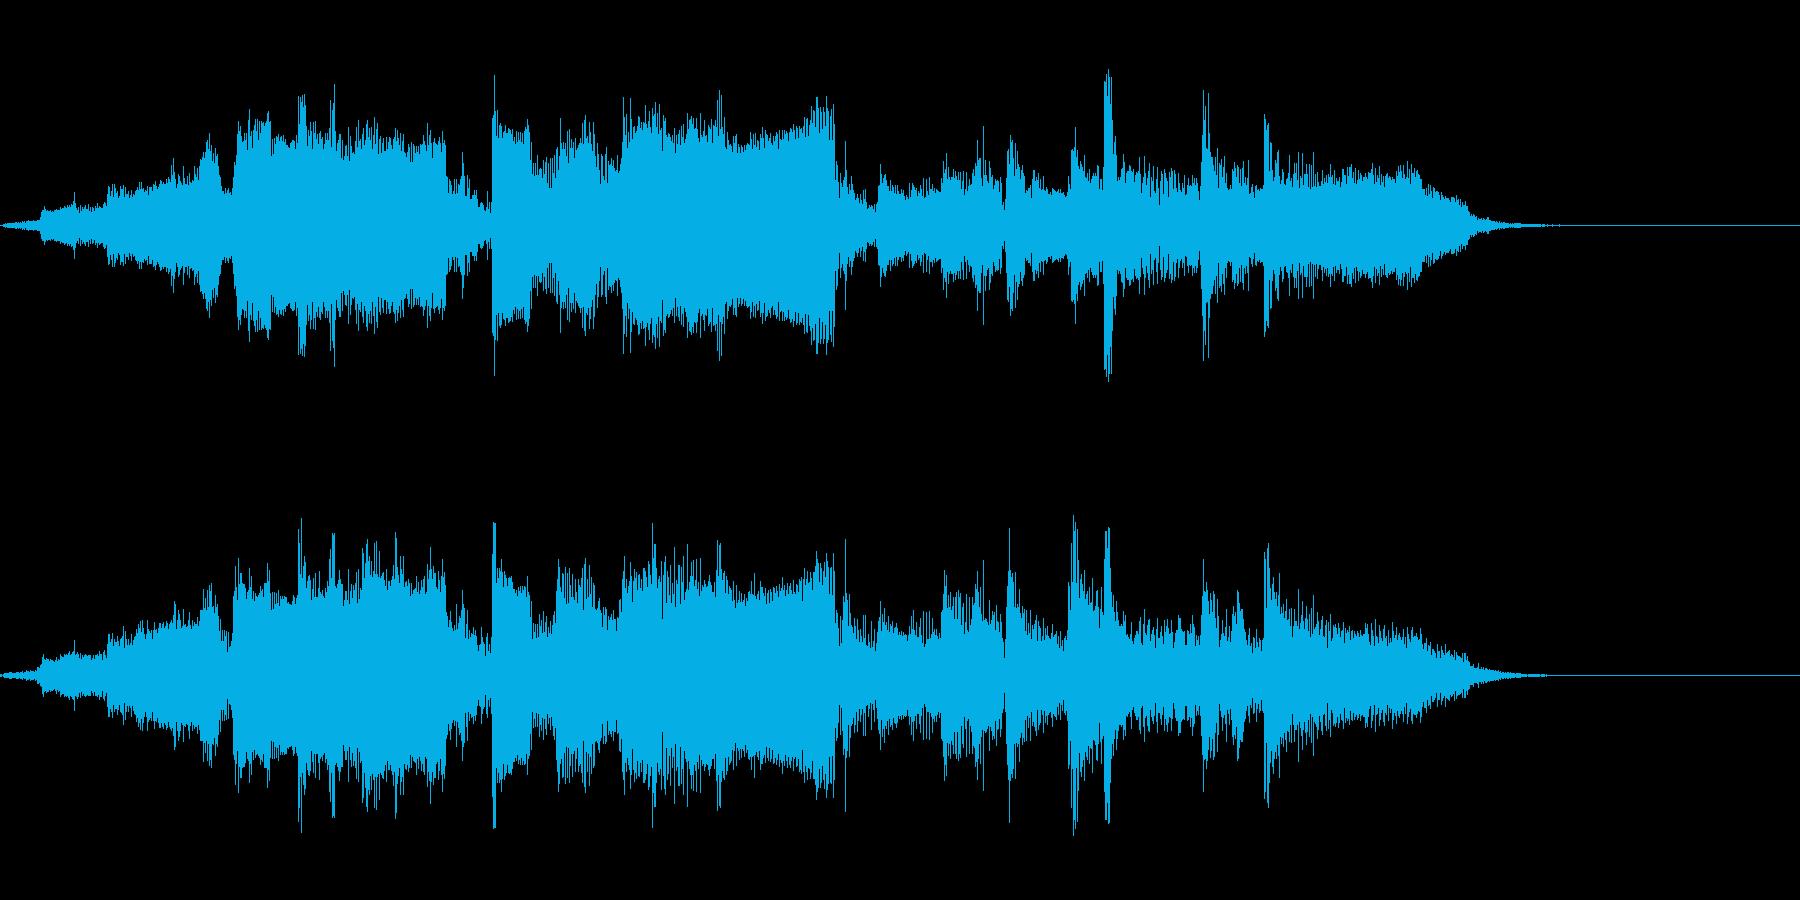 場面転換ジングル・短い曲・陽気で穏やかの再生済みの波形